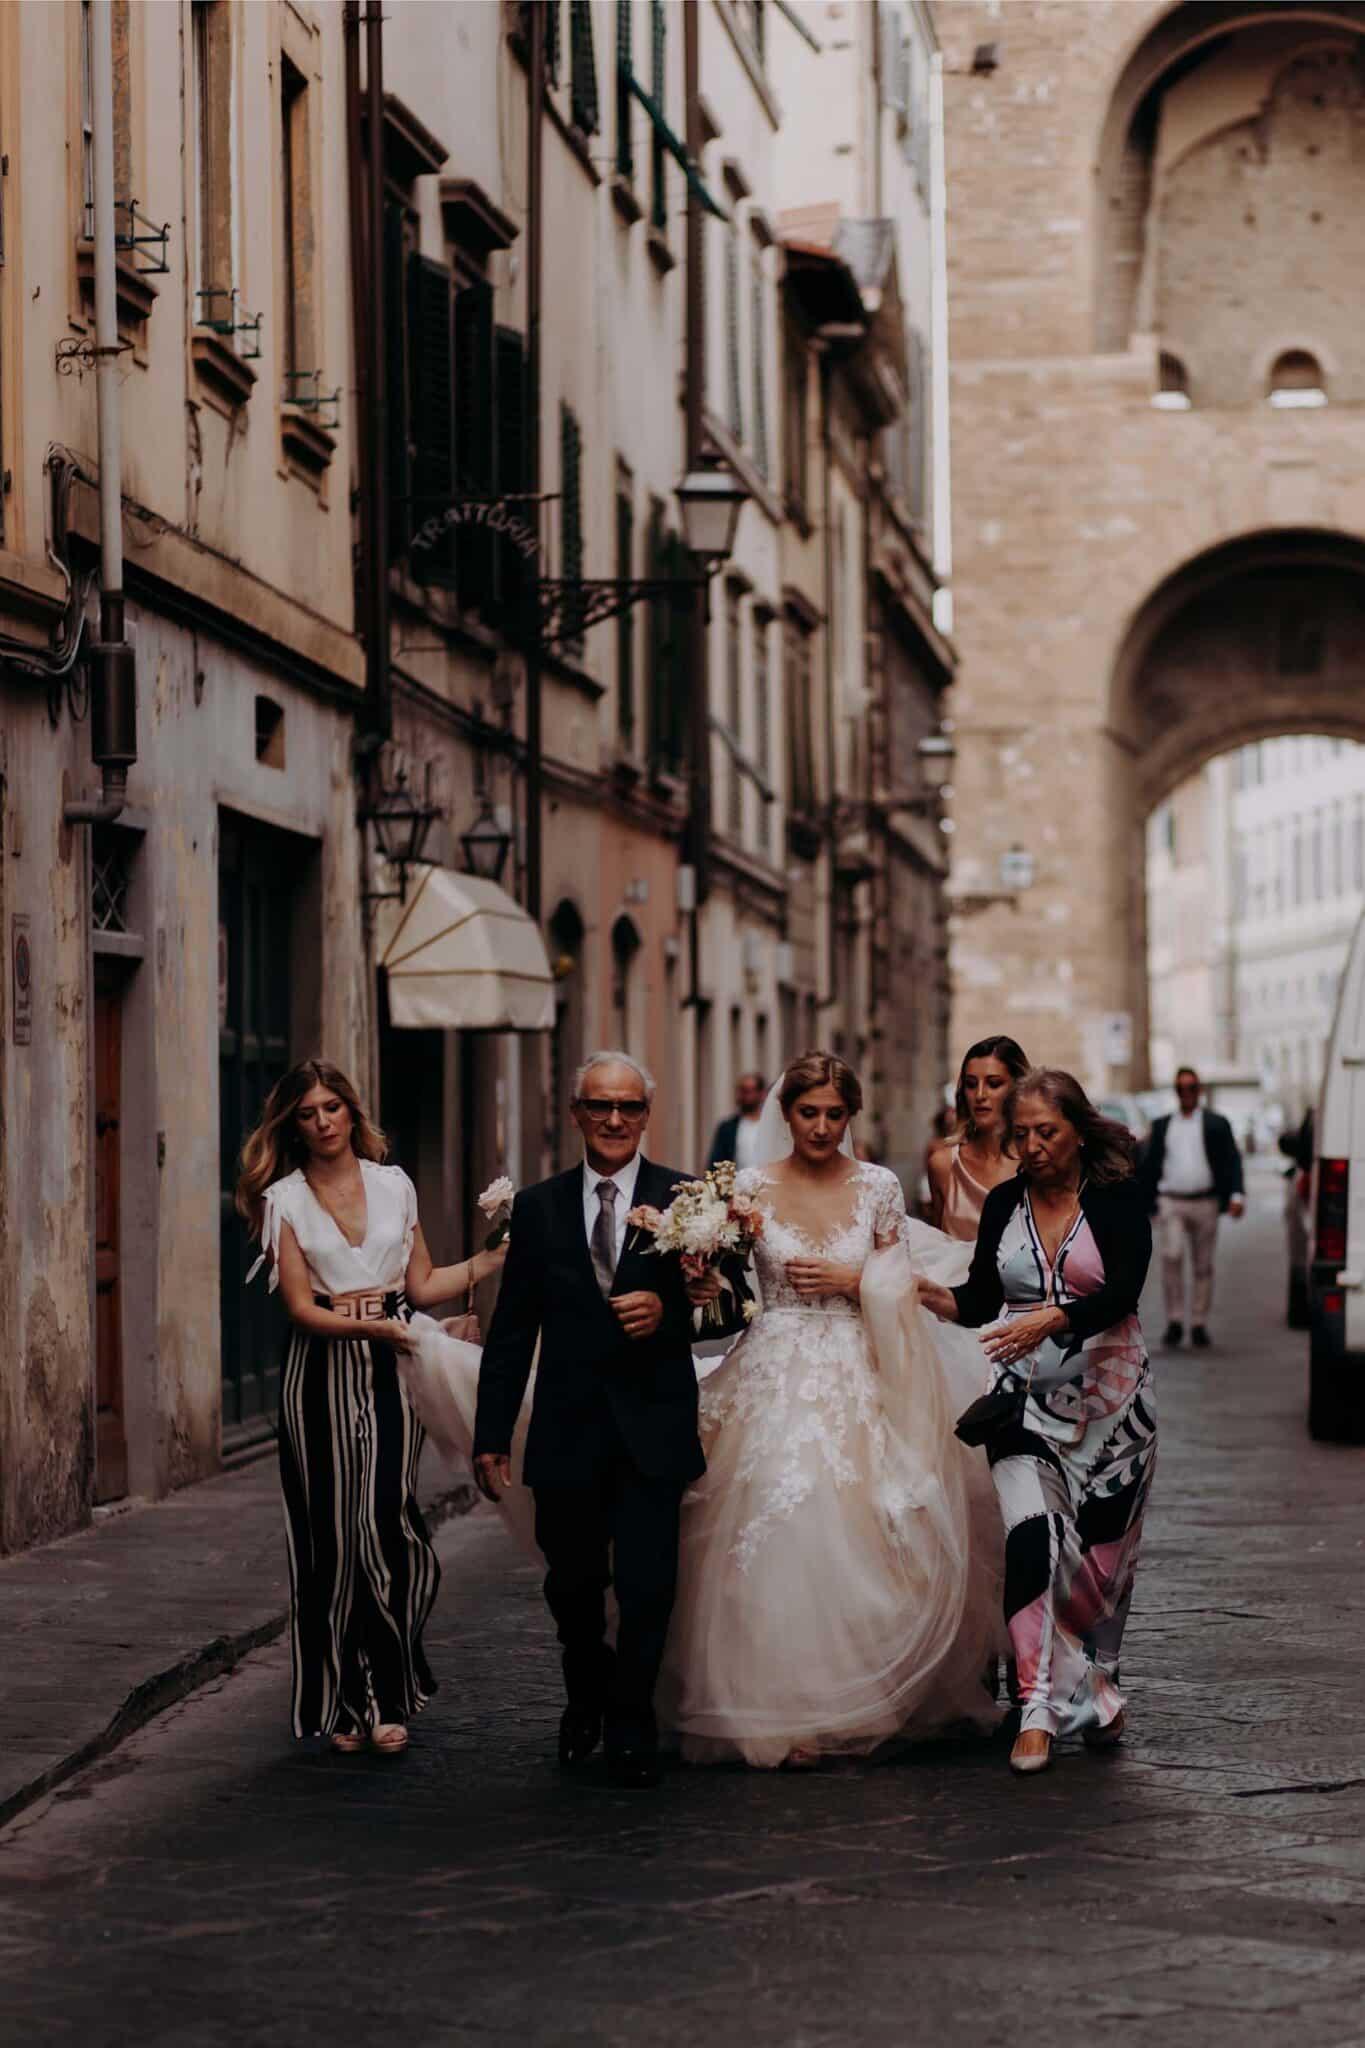 la sposa viene accompagnata alla chiesa di San Niccolò Sopr'Arno a Firenze